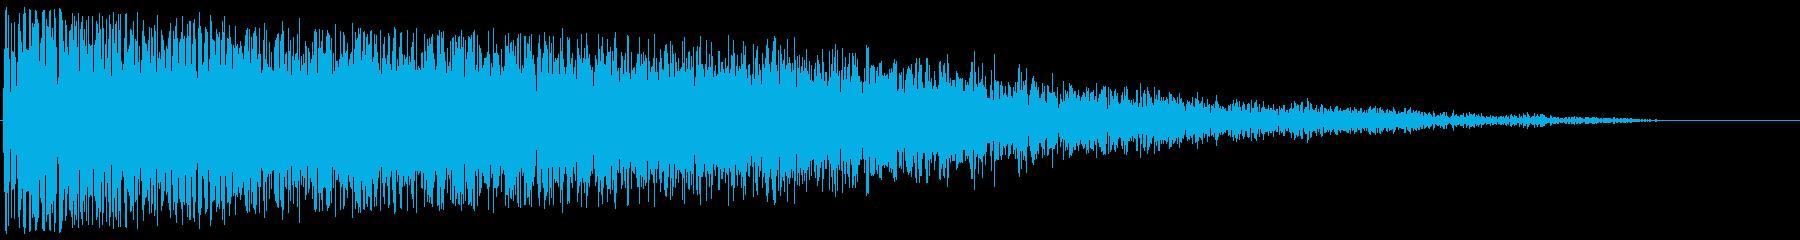 レーザービーム発射(重厚感のある爽快音)の再生済みの波形